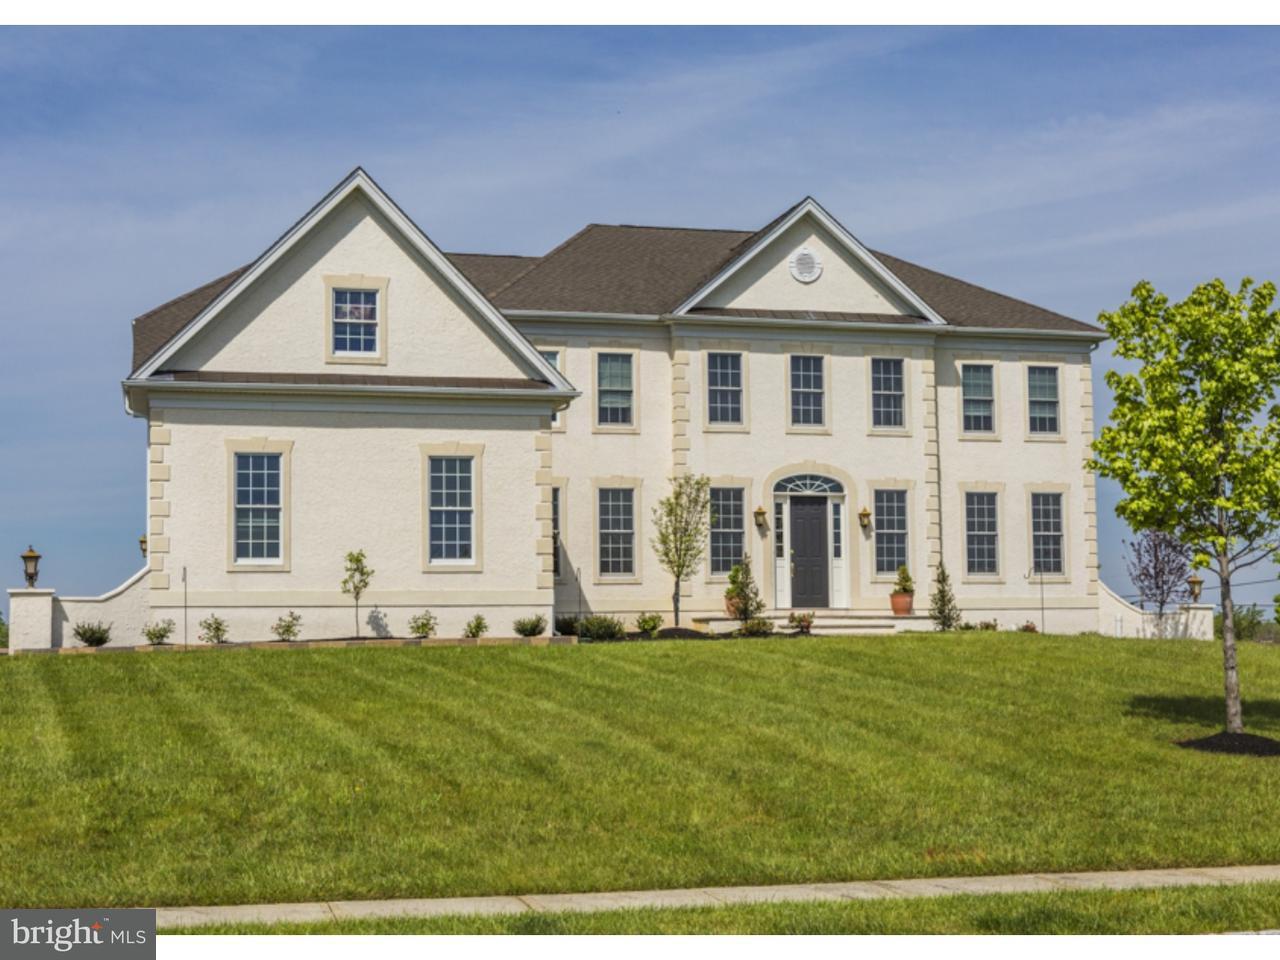 Maison unifamiliale pour l Vente à 2 ORCHARD Drive Cream Ridge, New Jersey 08514 États-UnisDans/Autour: Upper Freehold Township